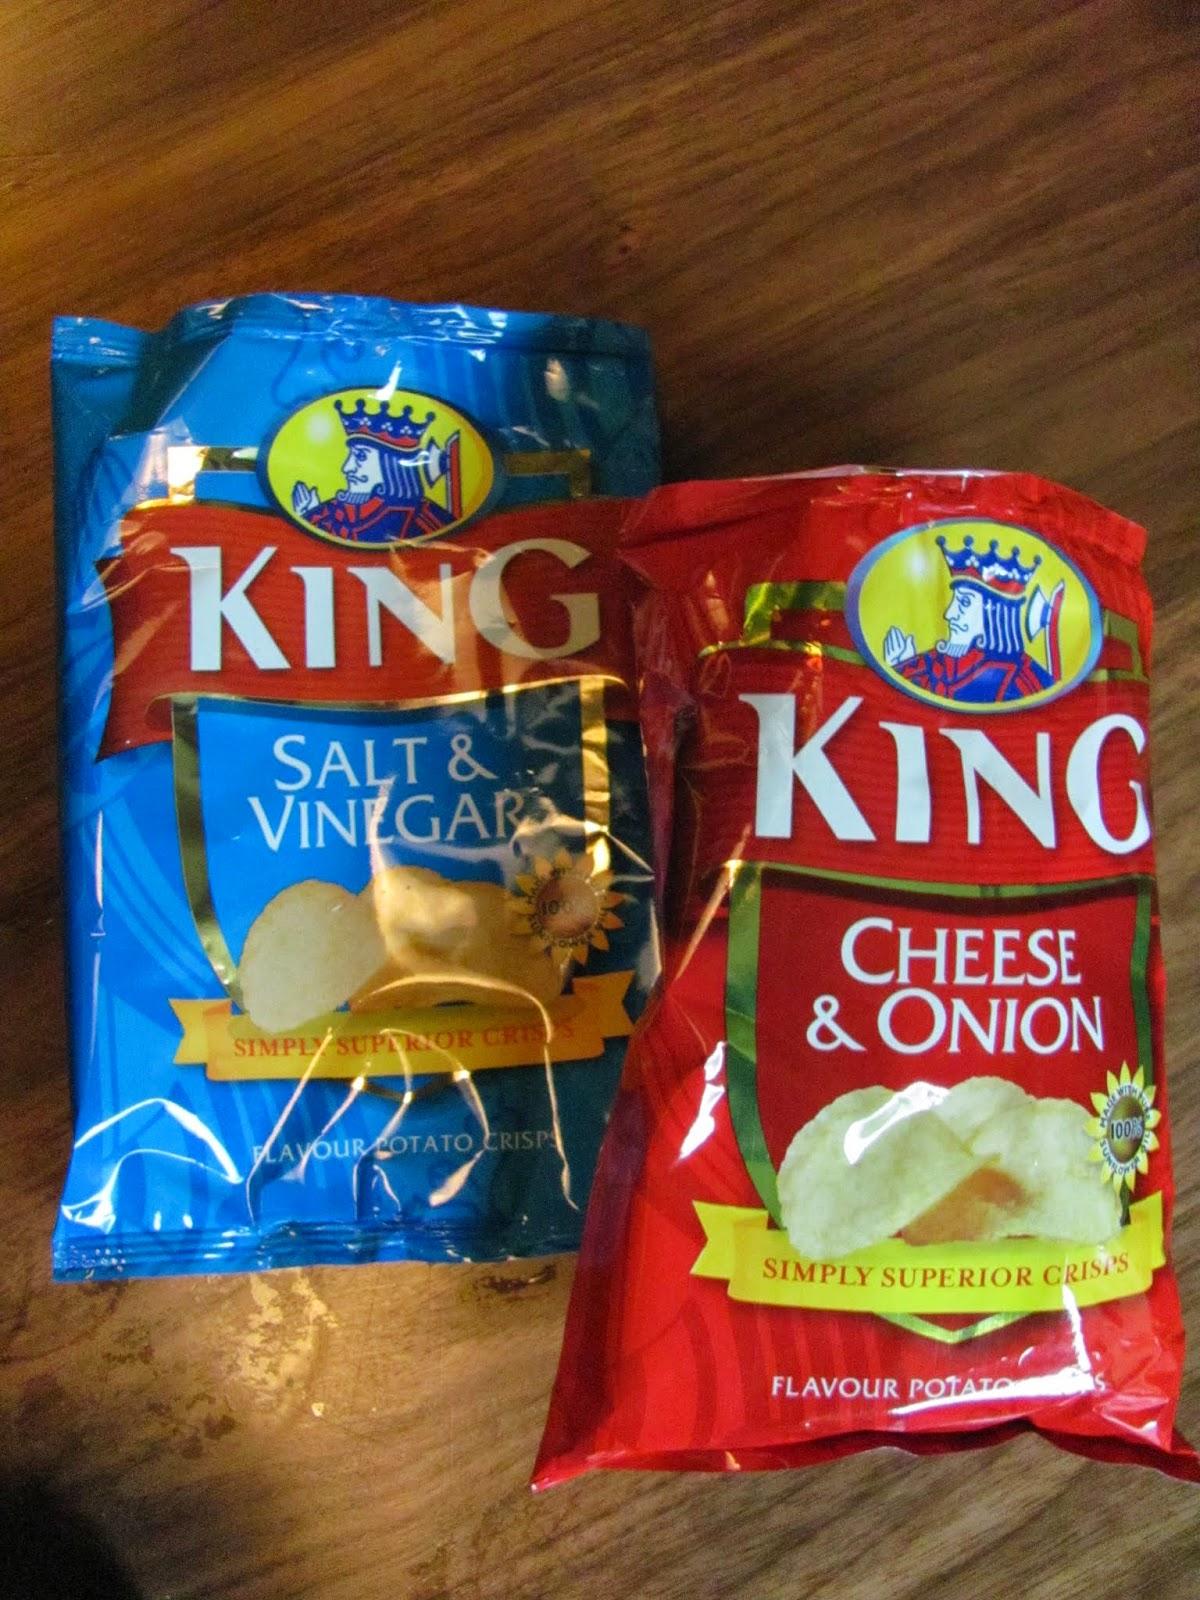 Popular Irish Potato Crisps